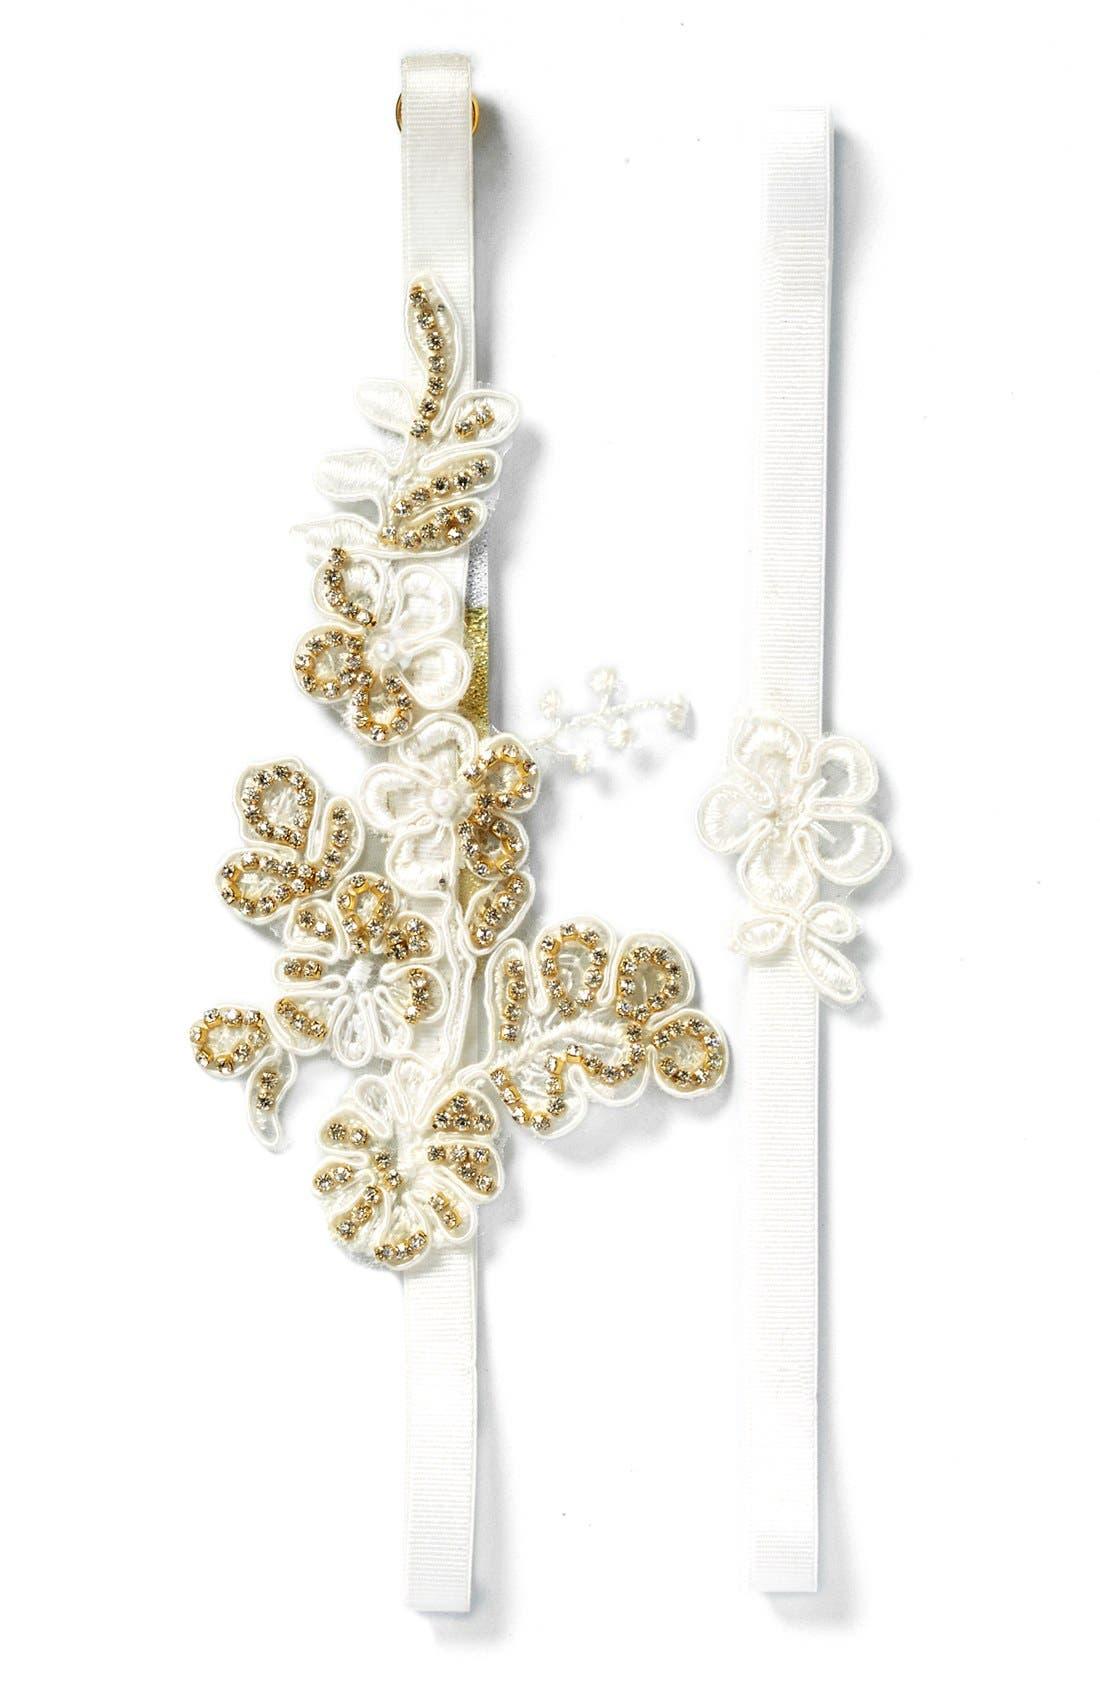 Camilla Christine 'Lili' Golden Embellished Embroidered Garter Set